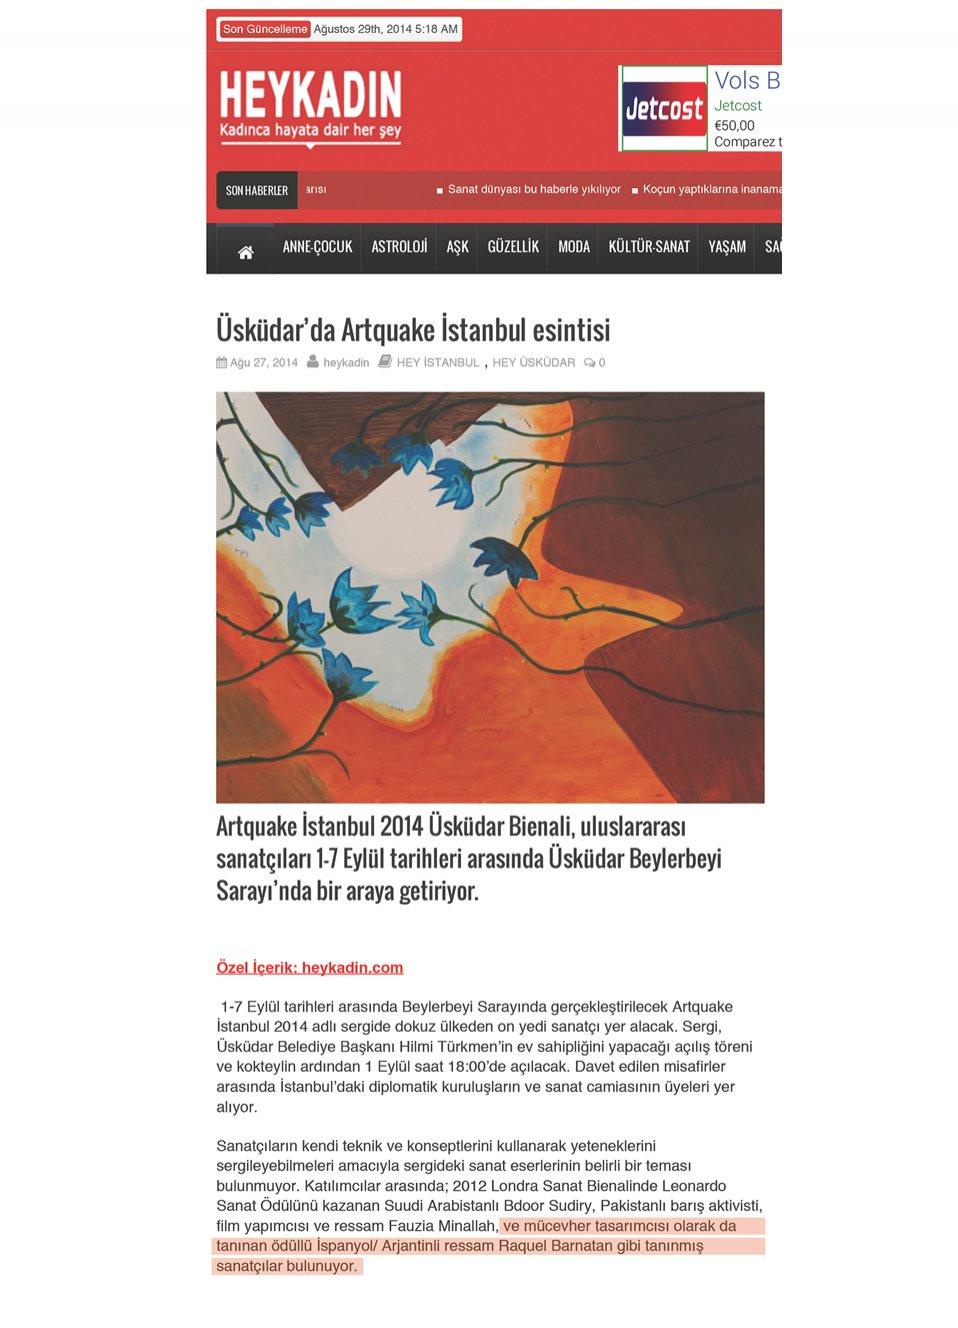 Heykadın Üsküdar'da Artquake İstanbul esintisi. Agosto 2014